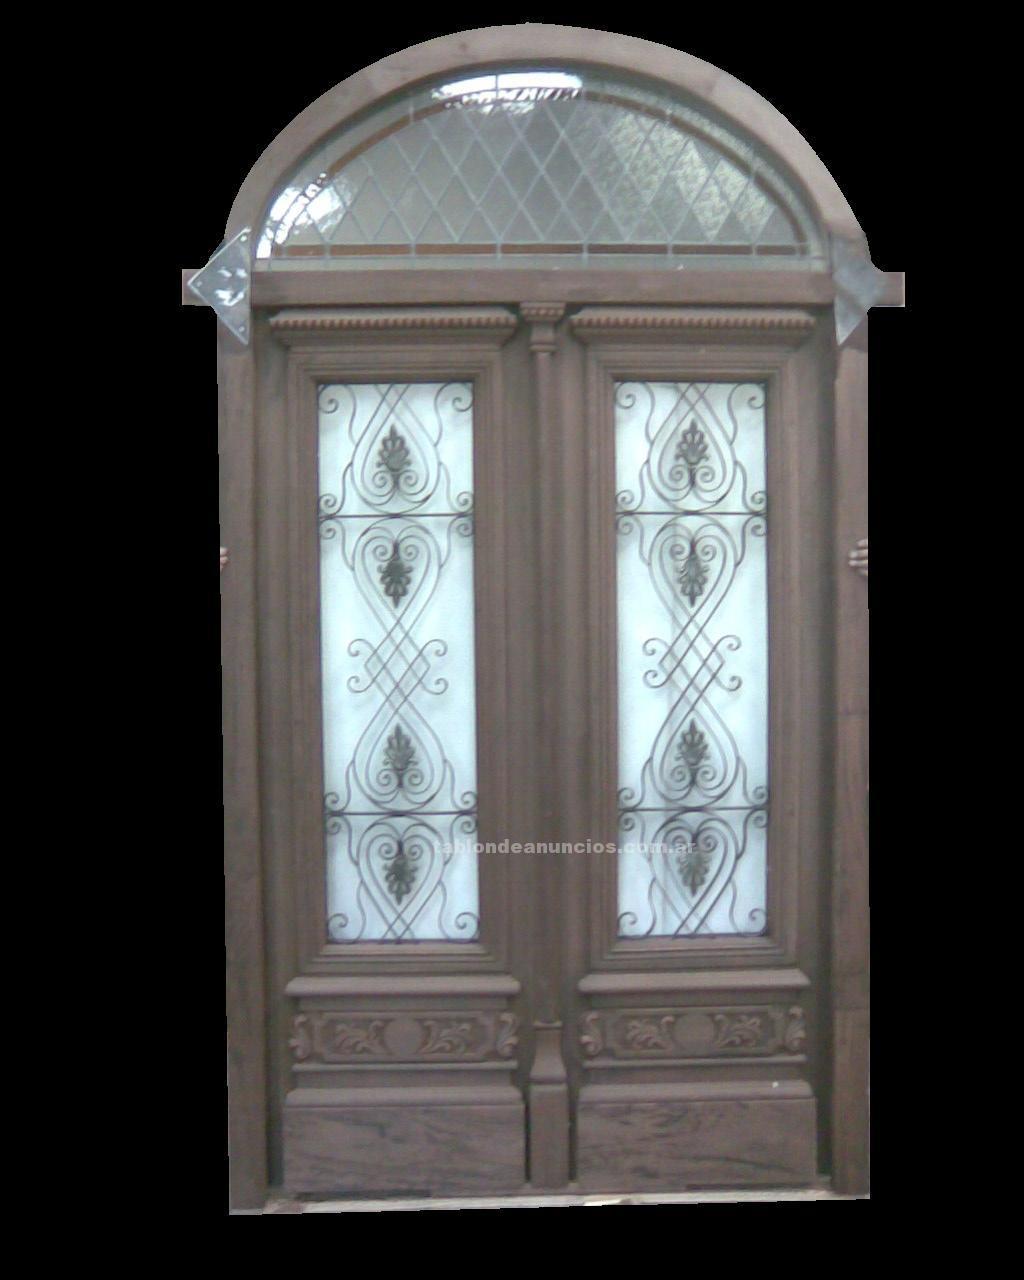 Puertas ventanas rejas ds con fotos for Imagenes de puertas de madera antiguas